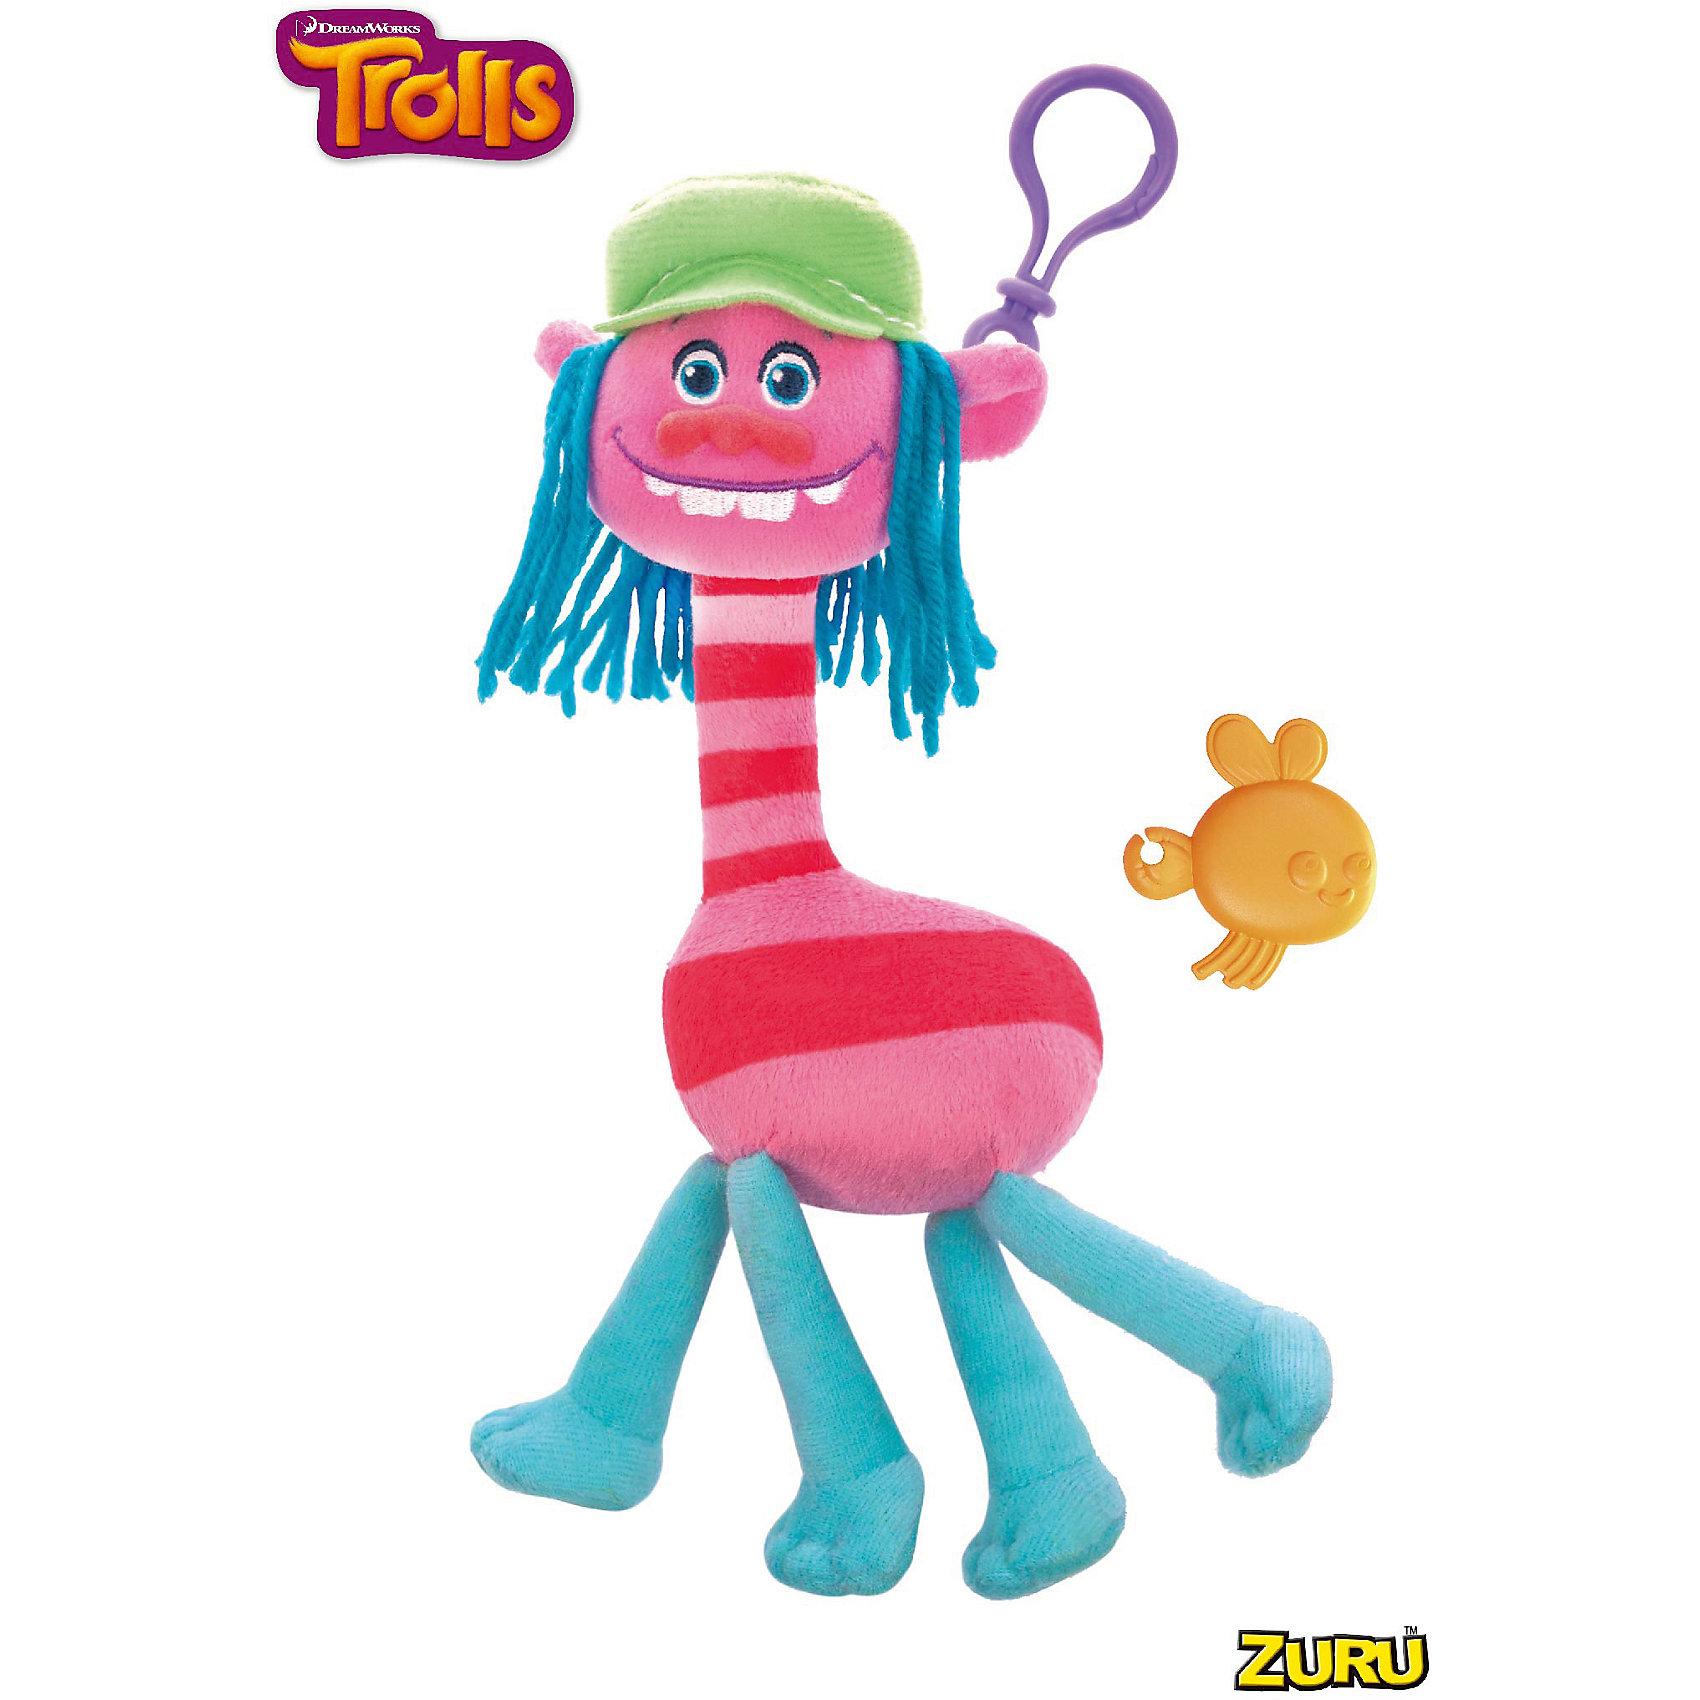 Тролль-кукла Купер, 26 смМонстрики<br>Тролль-кукла Купер, 26 см - игрушка, которая наверняка порадует поклонников мультфильма Тролли. <br><br>Тролли - смешная и увлекательная анимационная комедия от студии DreamWorks. Фильм повествует об удивительном и сказочном мире,  в котором проживают не менее удивительные существа - тролли и их  противники - бергены. Тролли - веселые беззаботные создания, привыкшие петь и танцевать дни напролет. Бергены же наоборот, чувствуют себя счастливыми только тогда, когда тролли оказываются в их желудке. <br><br>Дополнительная информация:<br><br>- Высота игрушки: 26 см.<br>- В комплект вместе с игрушкой входят расческа для волос тролля и карабин.<br>- Материалы: текстиль, пластмасса.<br><br>Тролль-куклу Купер, 26 см можно купить в нашем интернет-магазине.<br><br>Ширина мм: 200<br>Глубина мм: 70<br>Высота мм: 260<br>Вес г: 210<br>Возраст от месяцев: 36<br>Возраст до месяцев: 2147483647<br>Пол: Унисекс<br>Возраст: Детский<br>SKU: 4919075